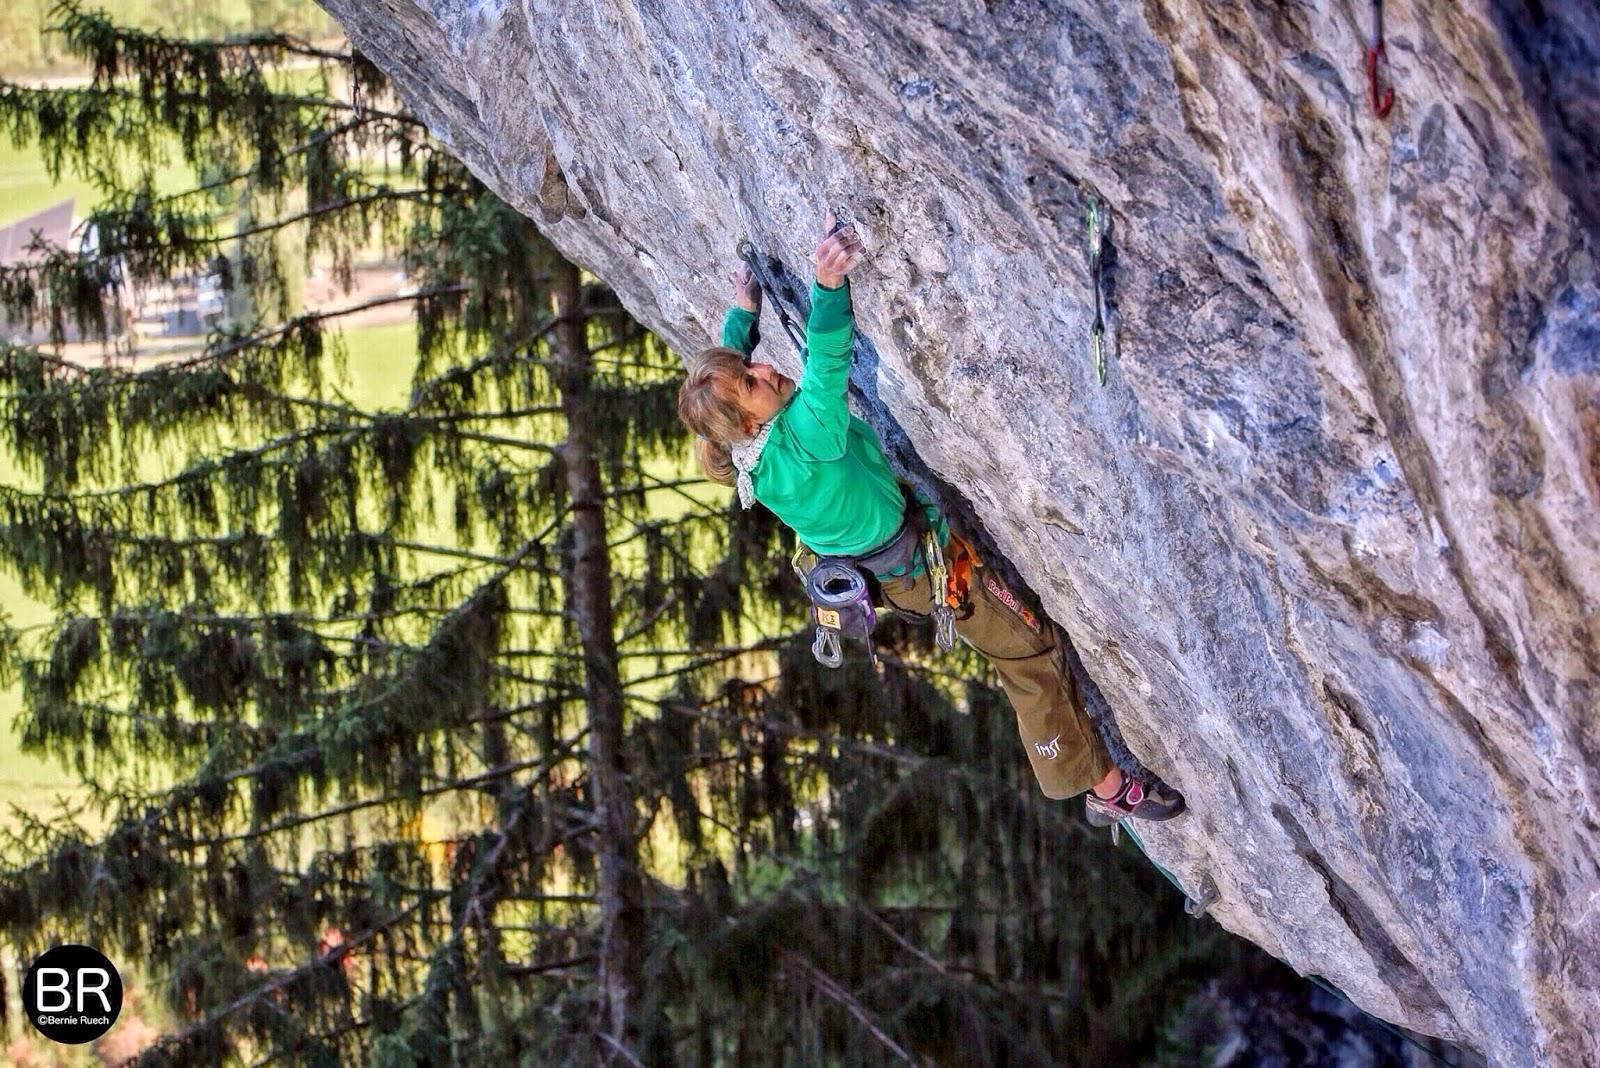 Angela Eiter trifft man häufig am Götterwandl an, hier in Zerirs (8c+), Foto: Bernie Ruech | Climbers Paradise